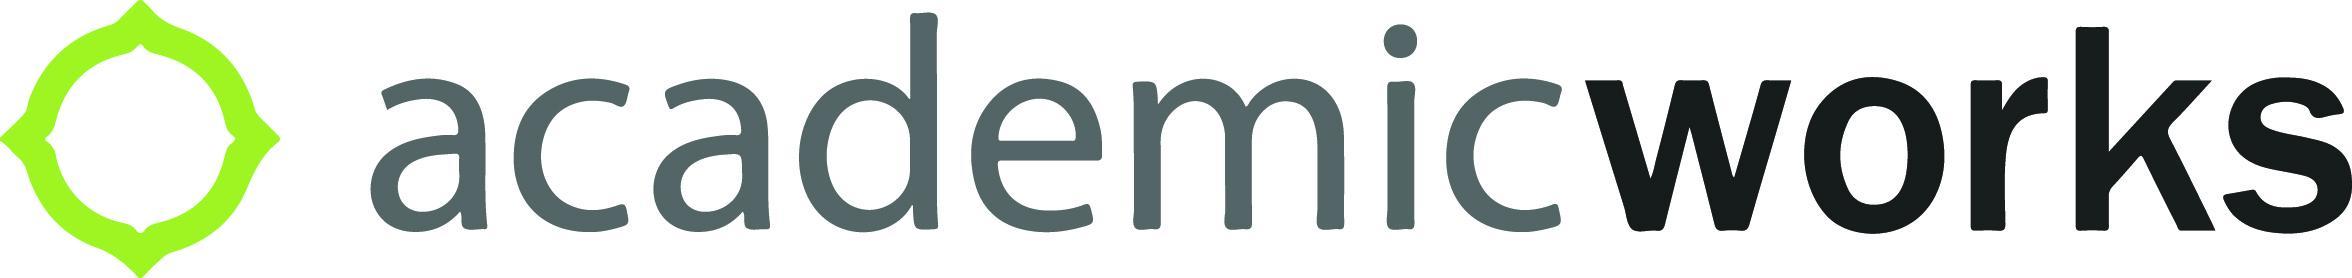 AcademicWorks, Inc. Logo